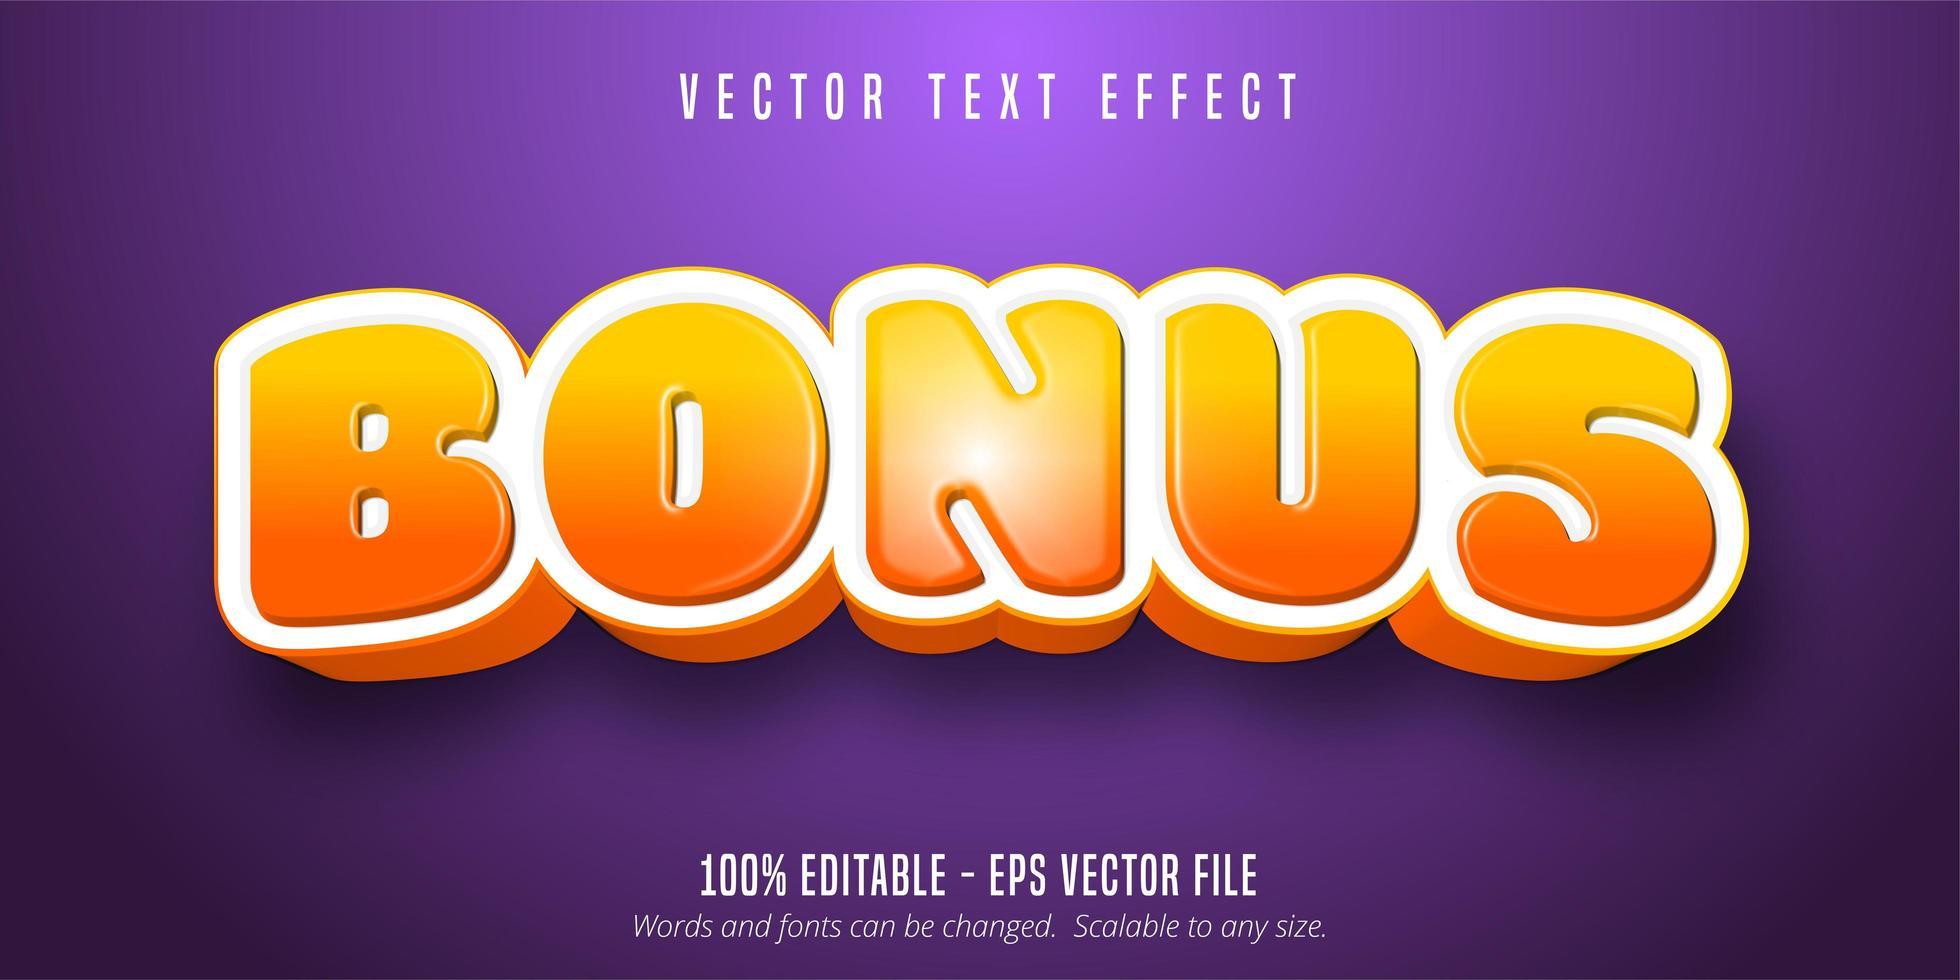 efecto de texto de estilo de juego de degradado naranja brillante extra vector